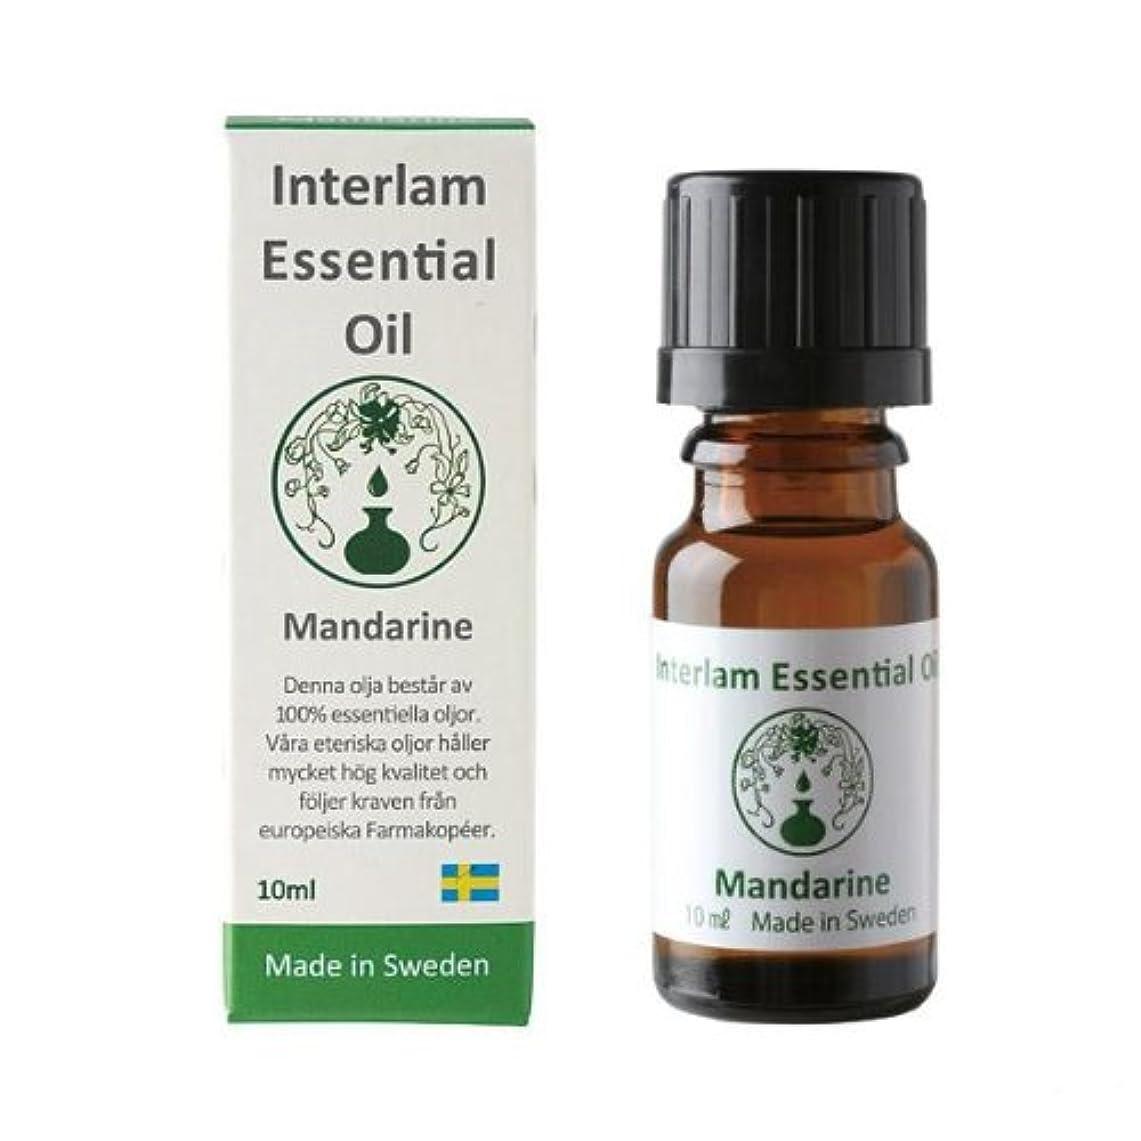 に同意するチョップ骨折Interlam Essential Oil マンダリン 10ml